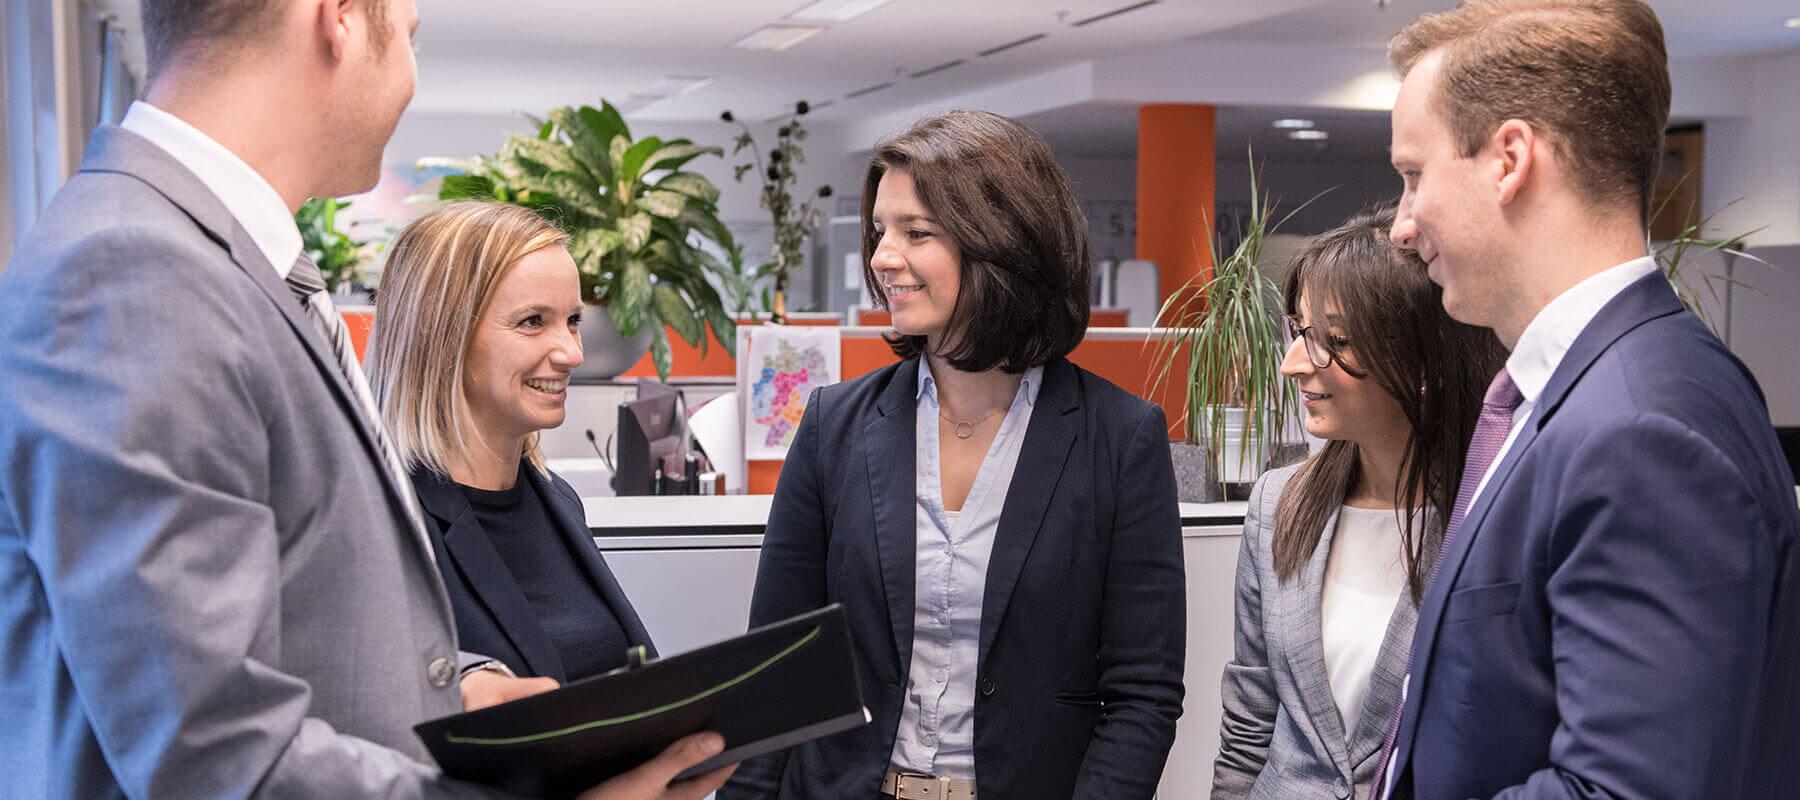 Dank unseres großen Netzwerkes haben Kandidaten bei PERM4 | beste Chancen, den Traumjob zu finden, und Unternehmen können schneller vakante Stellen besetzen.